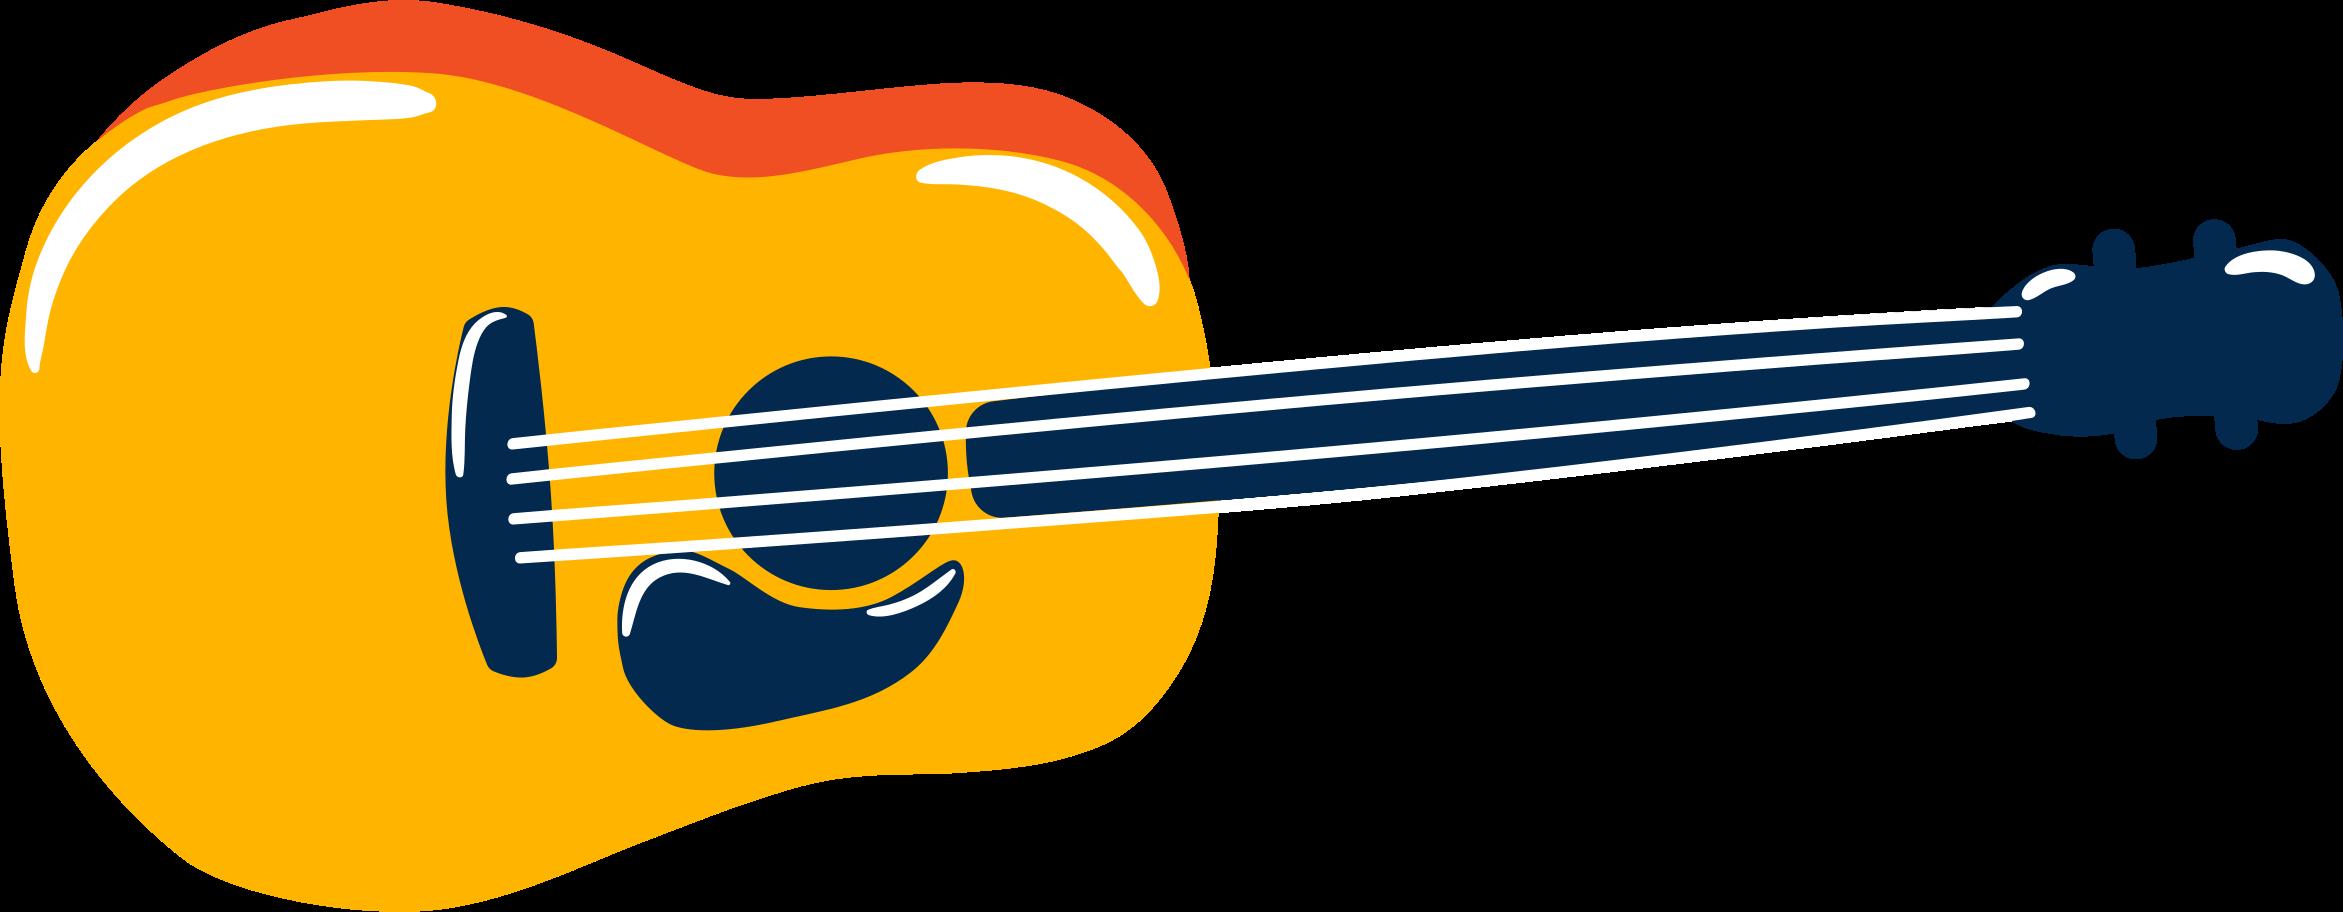 PNGとSVGの  スタイルの ギター ベクターイメージ | Icons8 イラスト